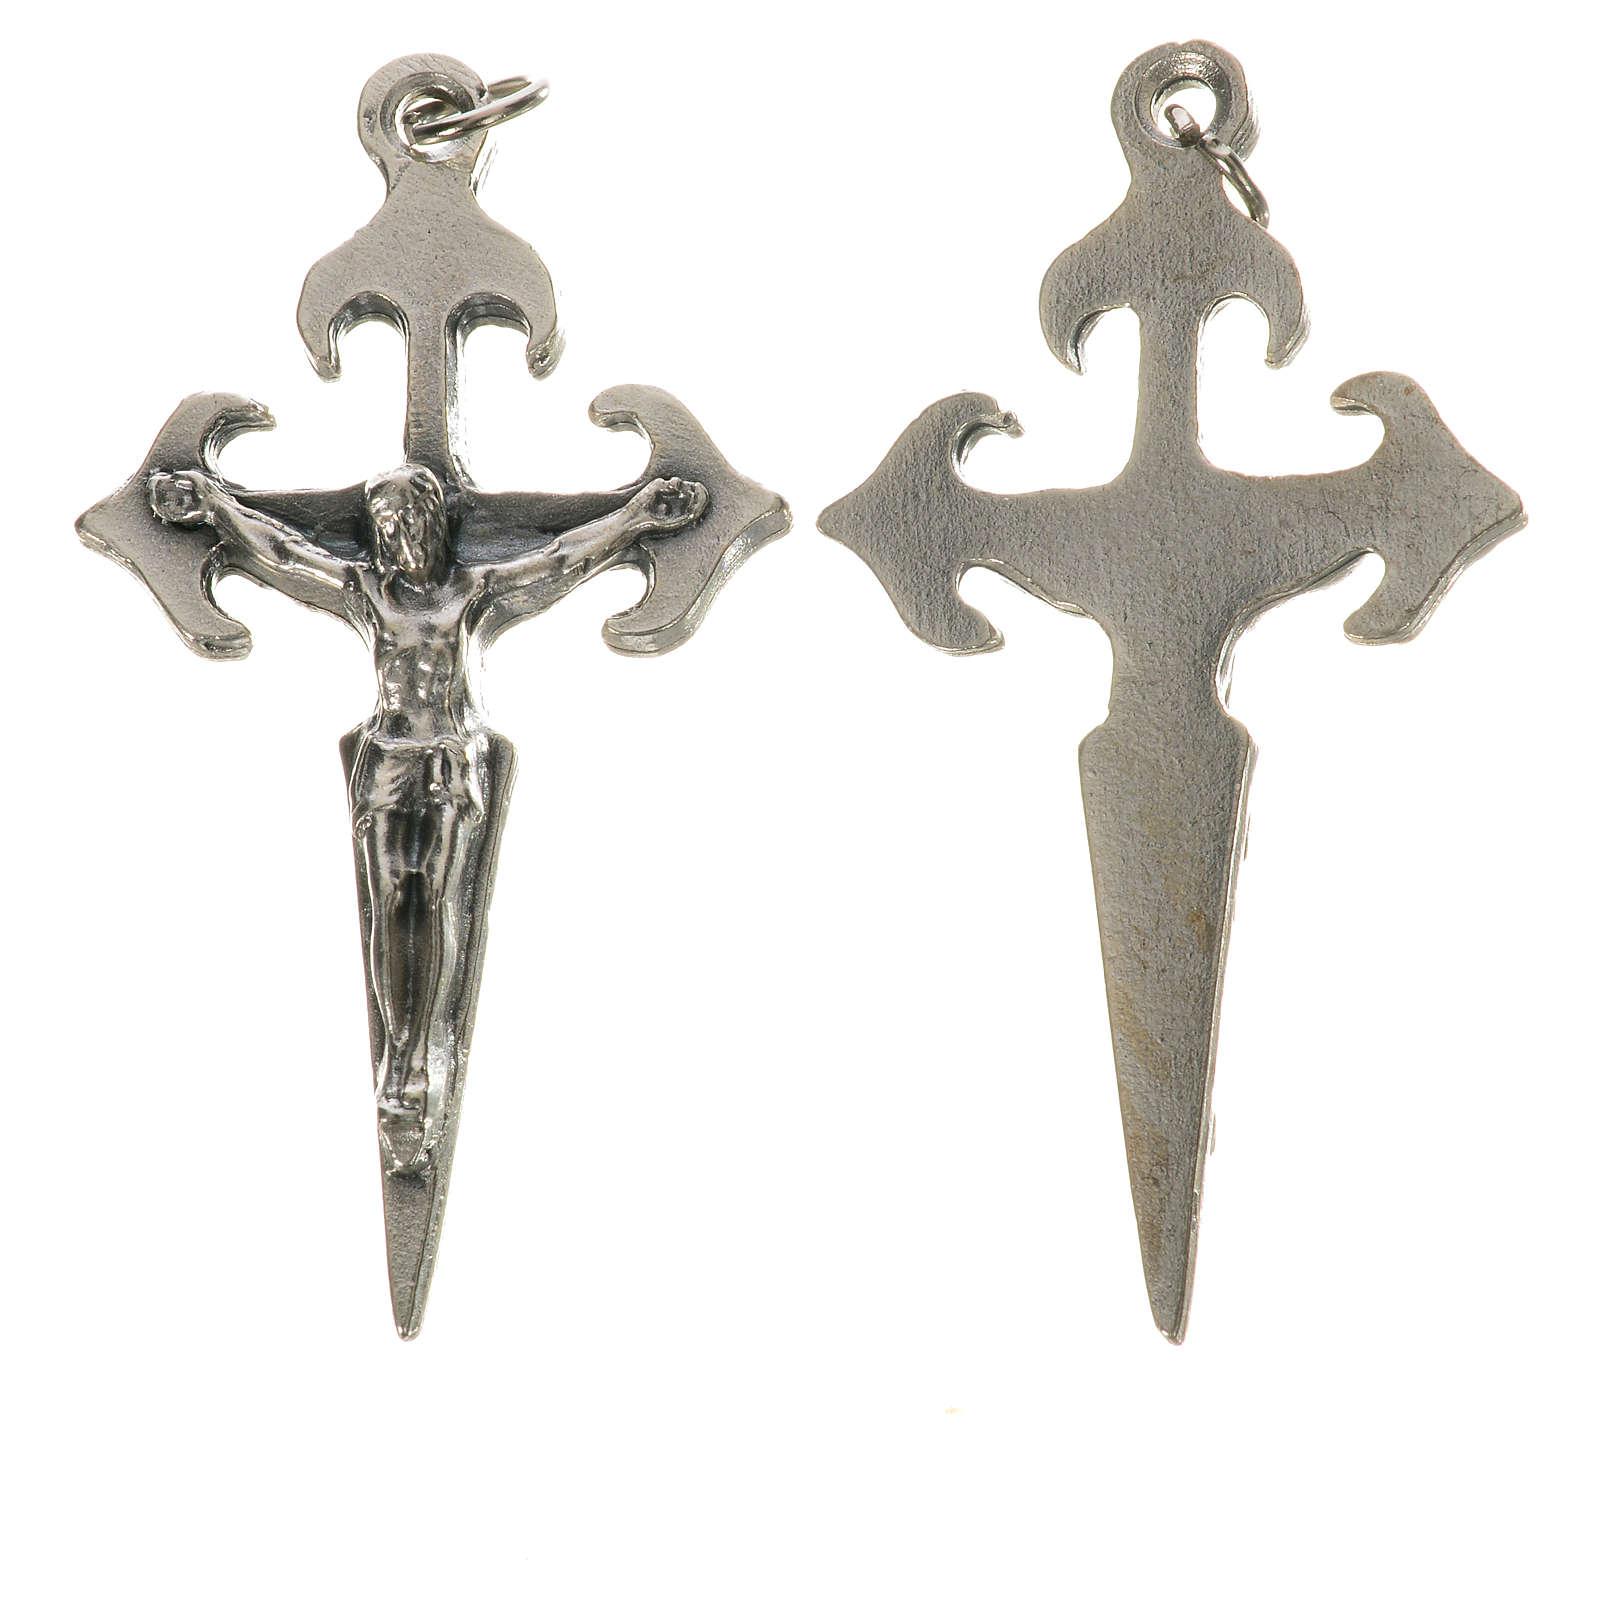 Krucyfiks Św. Jakuba z kółeczkiem 4.1 cm 4